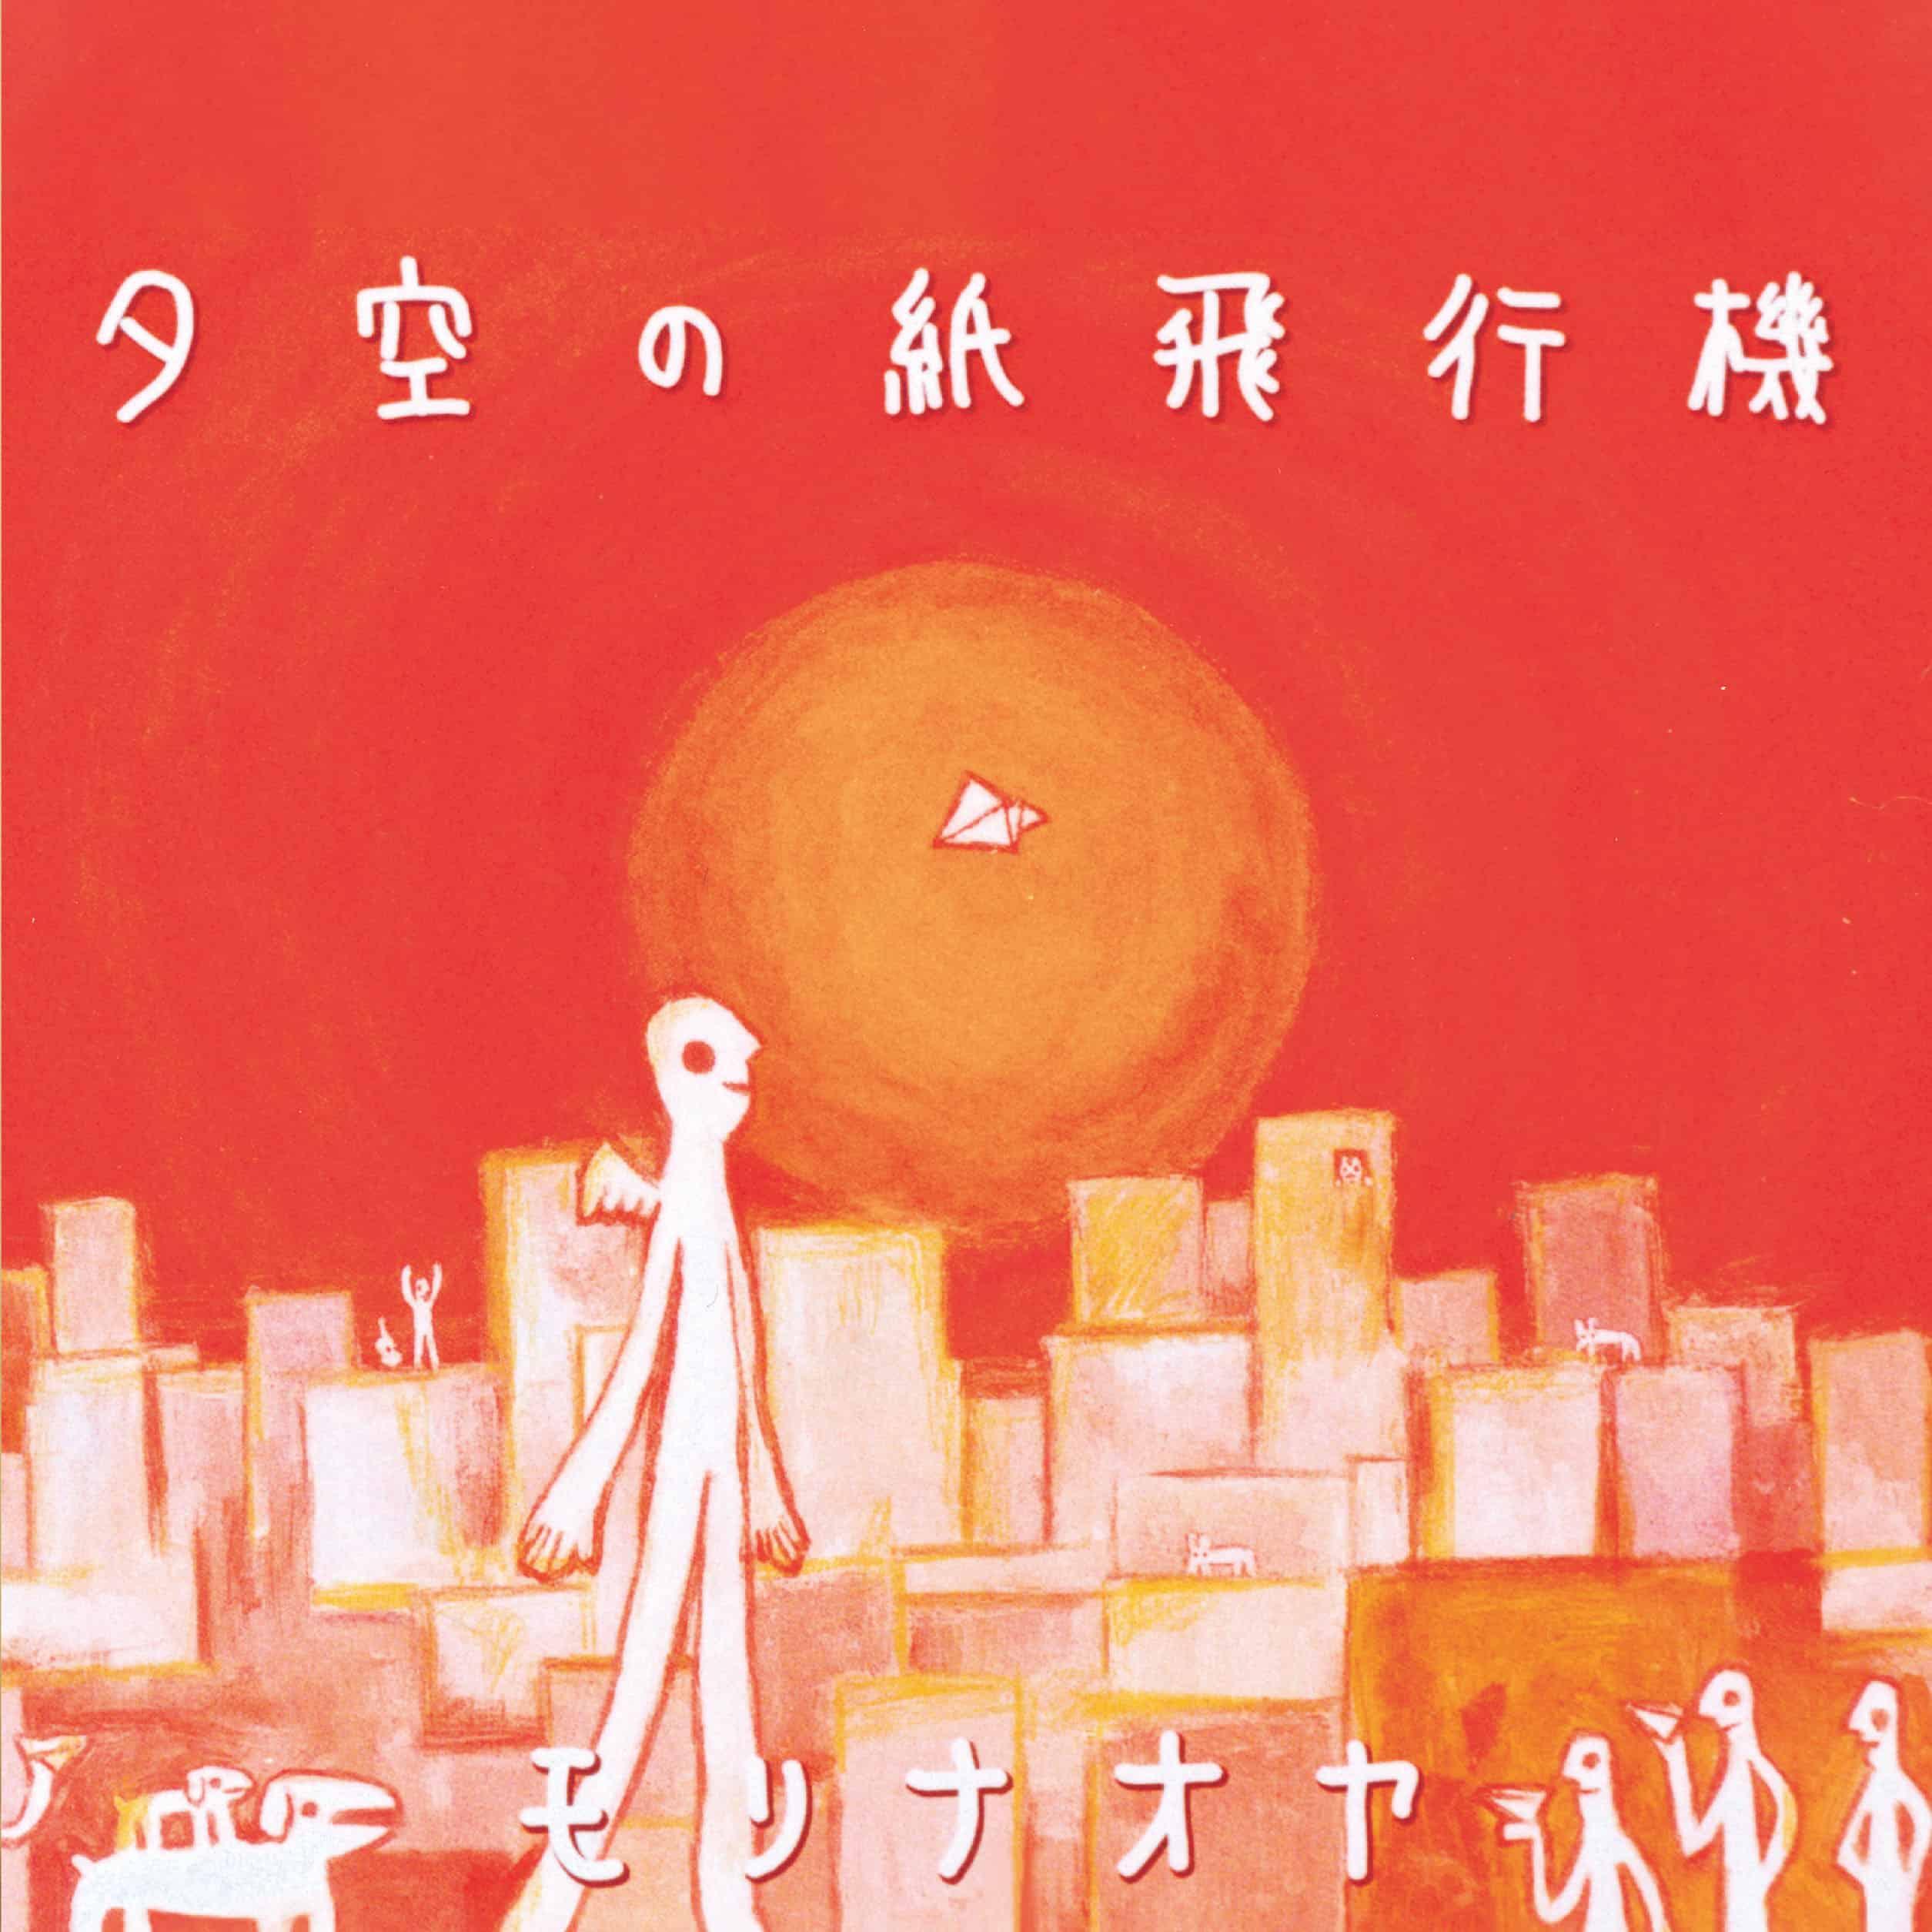 モリナオヤ – 夕空の紙飛行機(7inch Single Record)